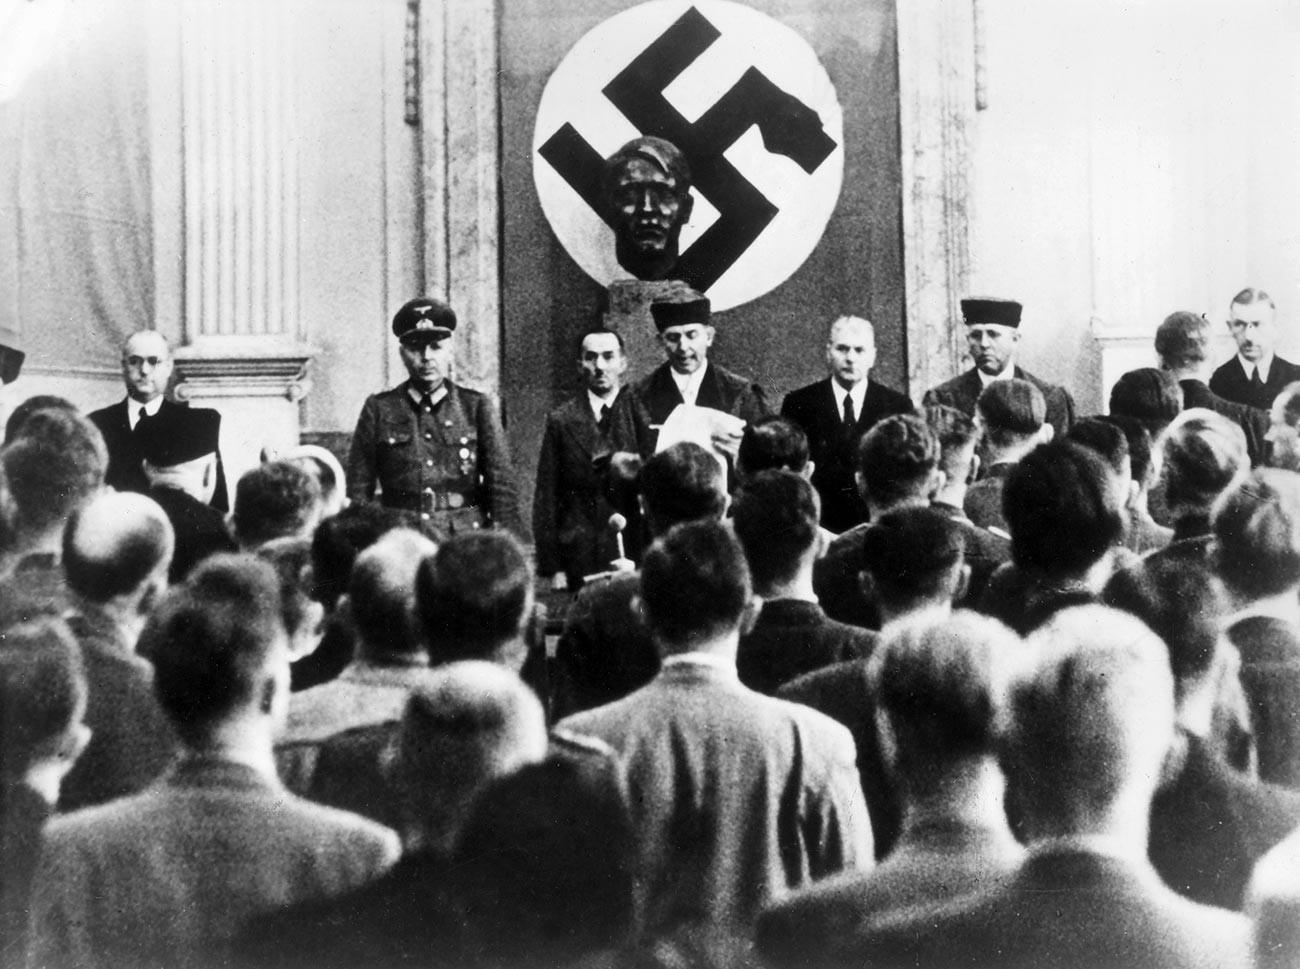 Изрицање казне у судници Врховног суда у Берлину. Роланд Фрajслер (у средини), председавајући народног суда, чита пресуду. Са његове леве стране је генерал Херман Рејнеке, шеф генералштаба.